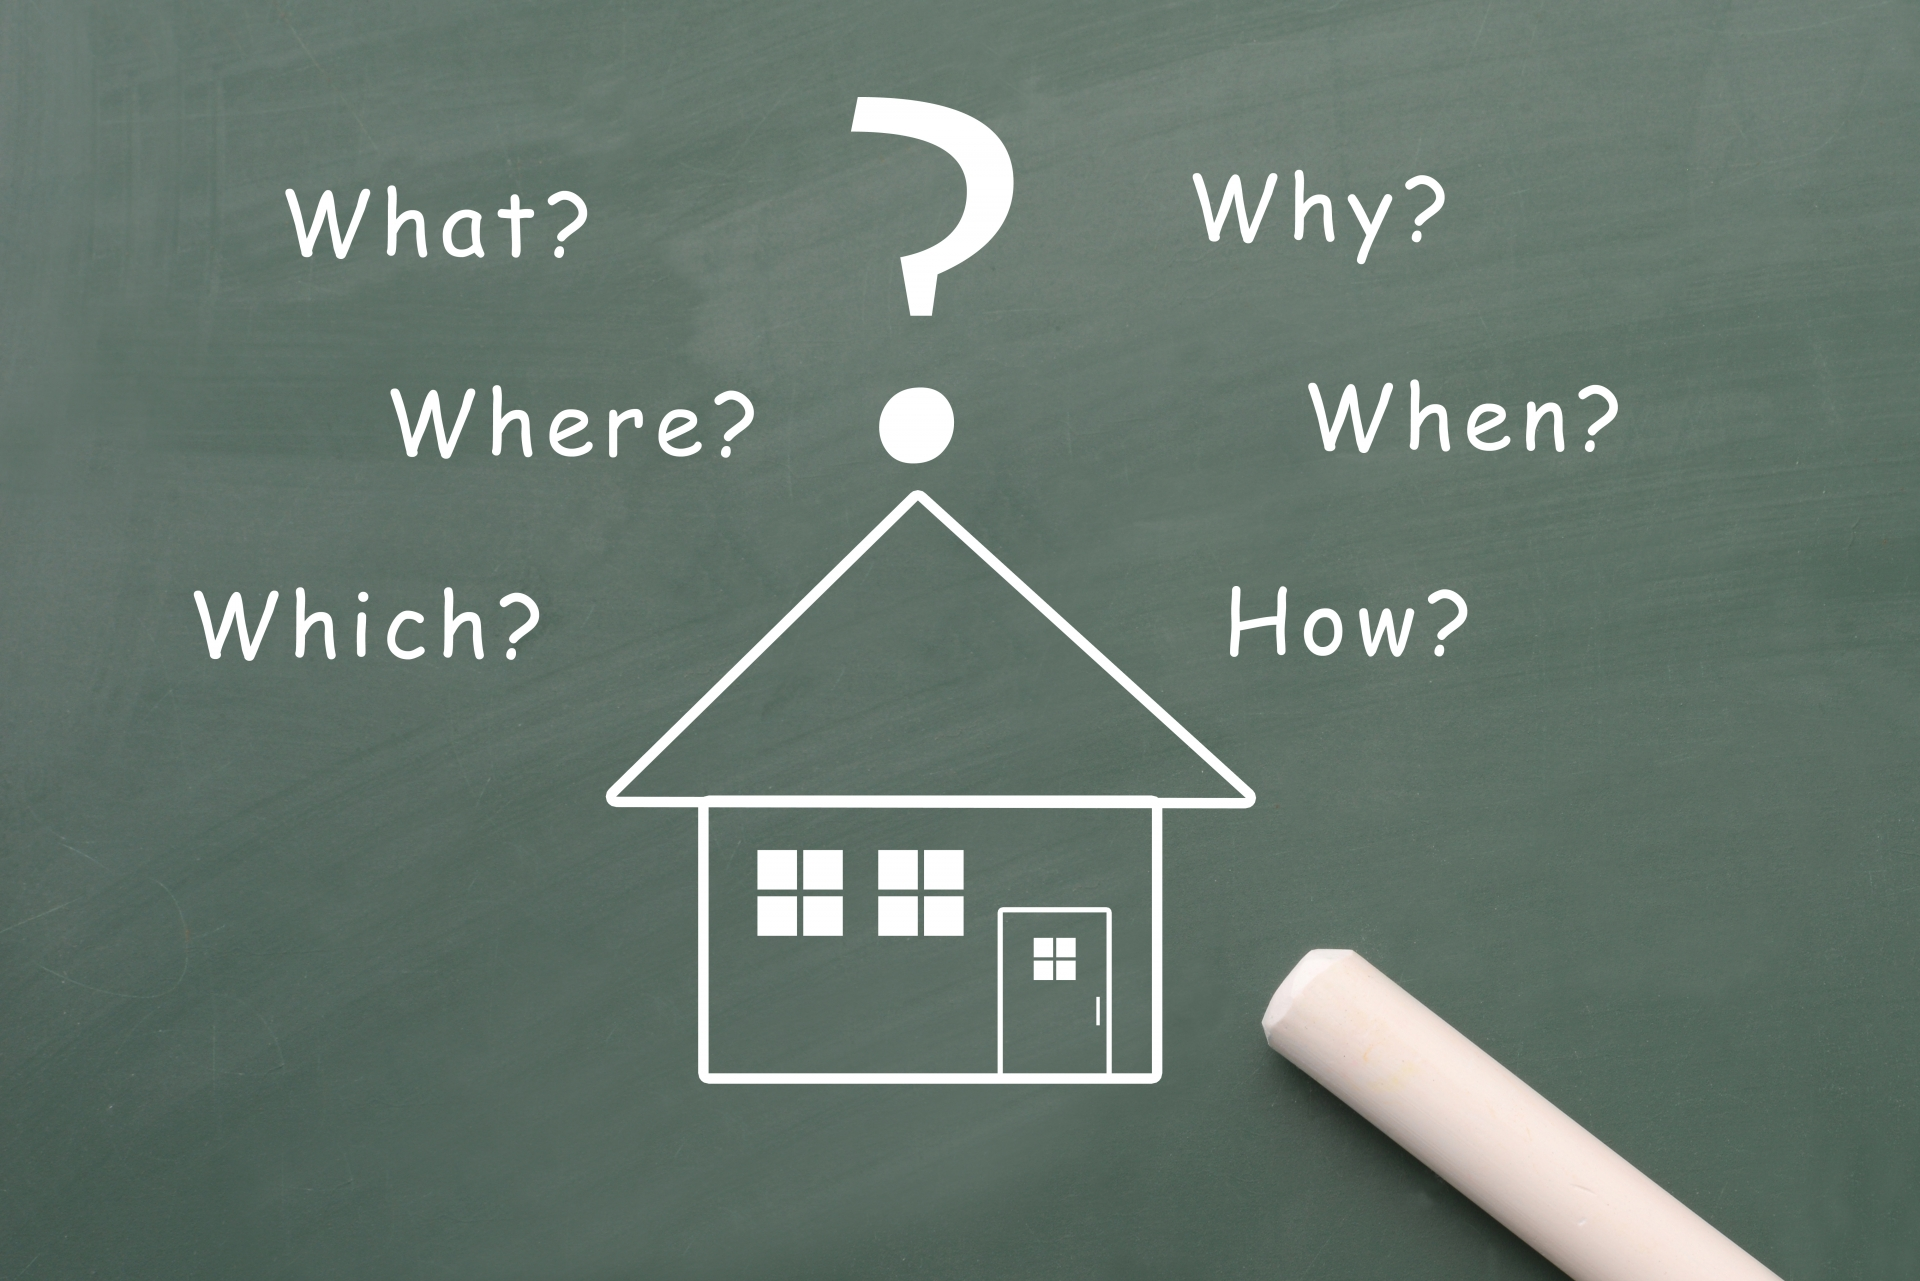 フラット35(中古タイプ)適合証明審査および発行について、よくあるご質問